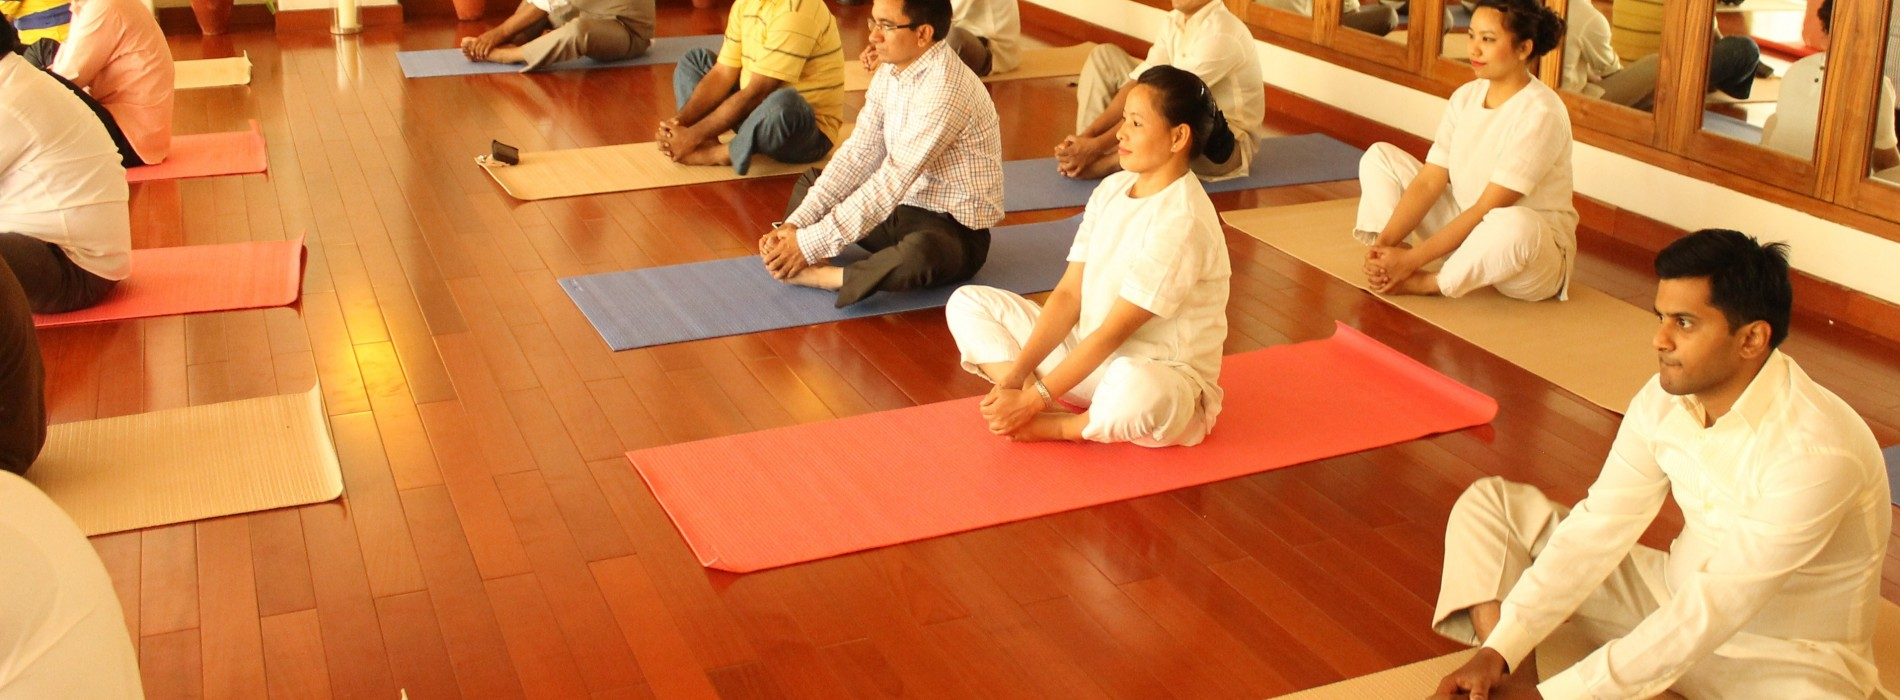 Jaypee Hotels celebrated International Yoga Day